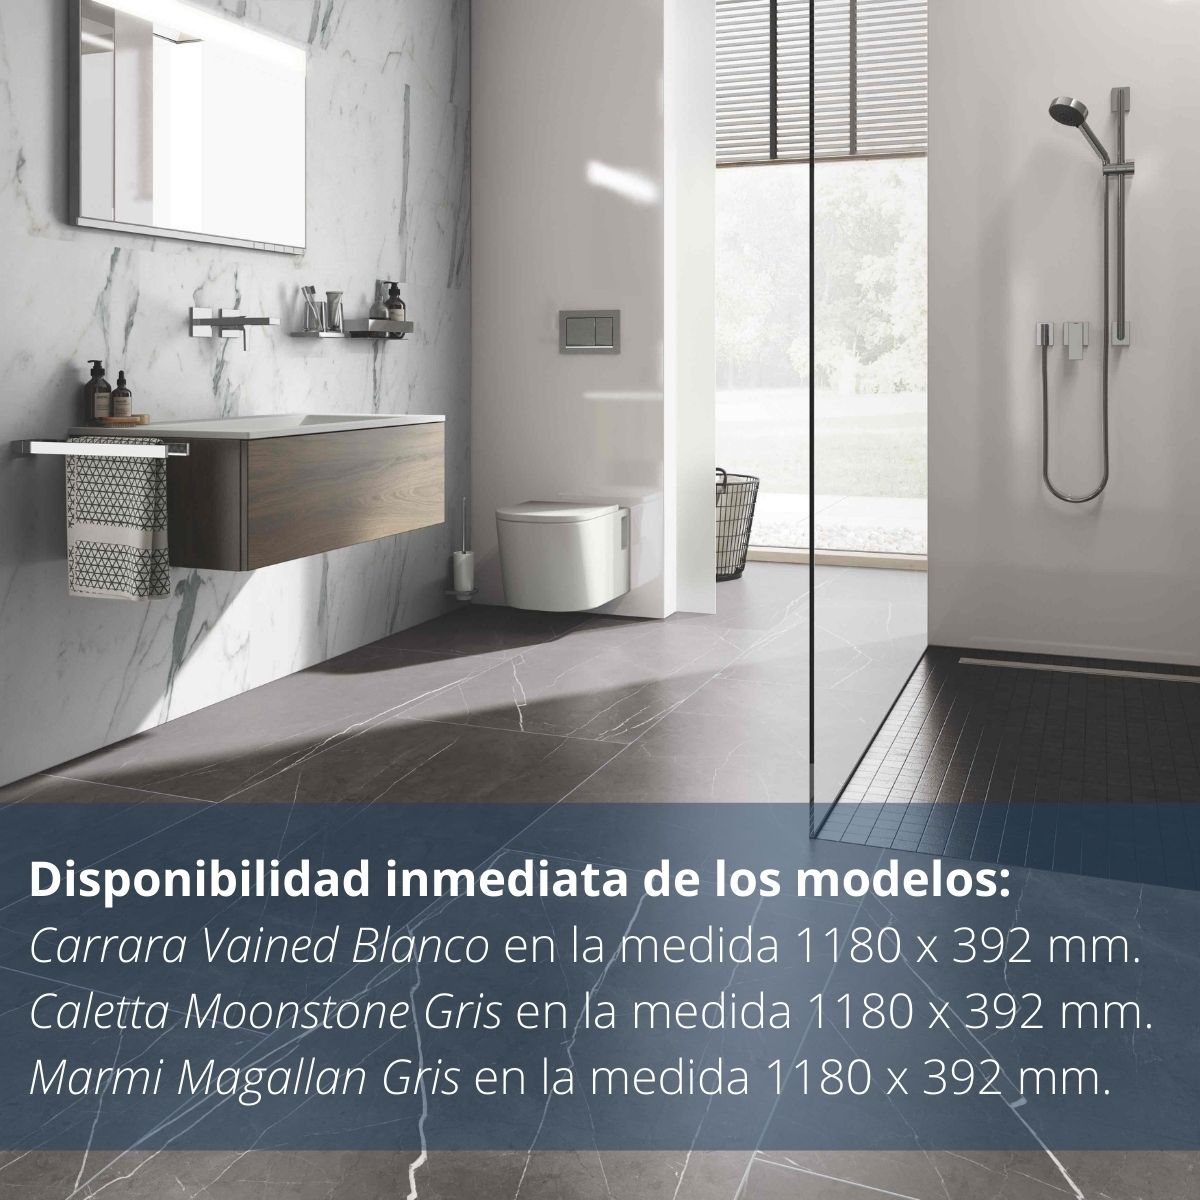 Revestimiento Sensa Ceramic colección Marmol anti humedad baños y cocinas